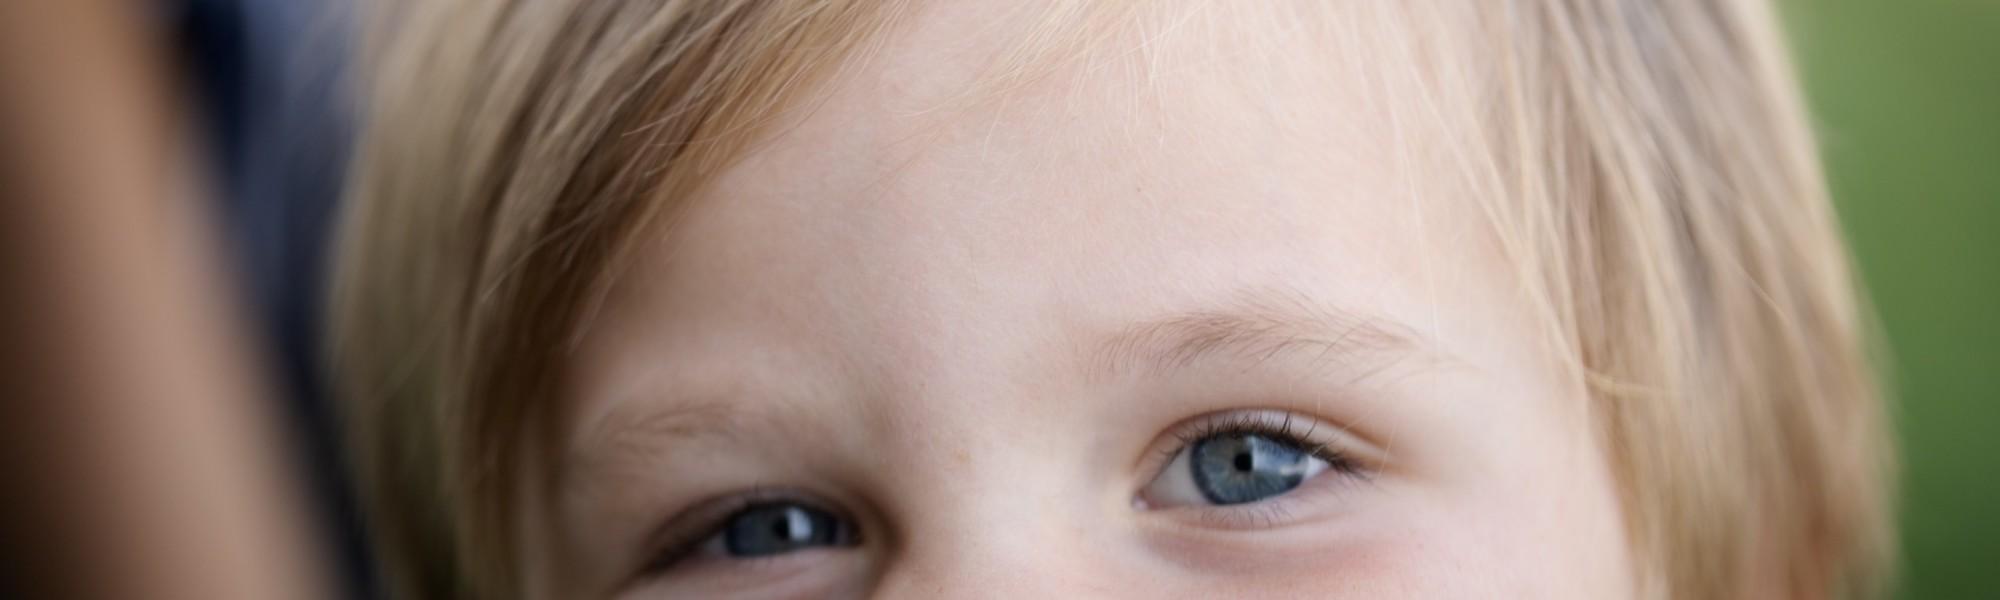 Kuvassa näkyy pienen lapsen kasvojen yläosa, eli silmät ja hiukset.